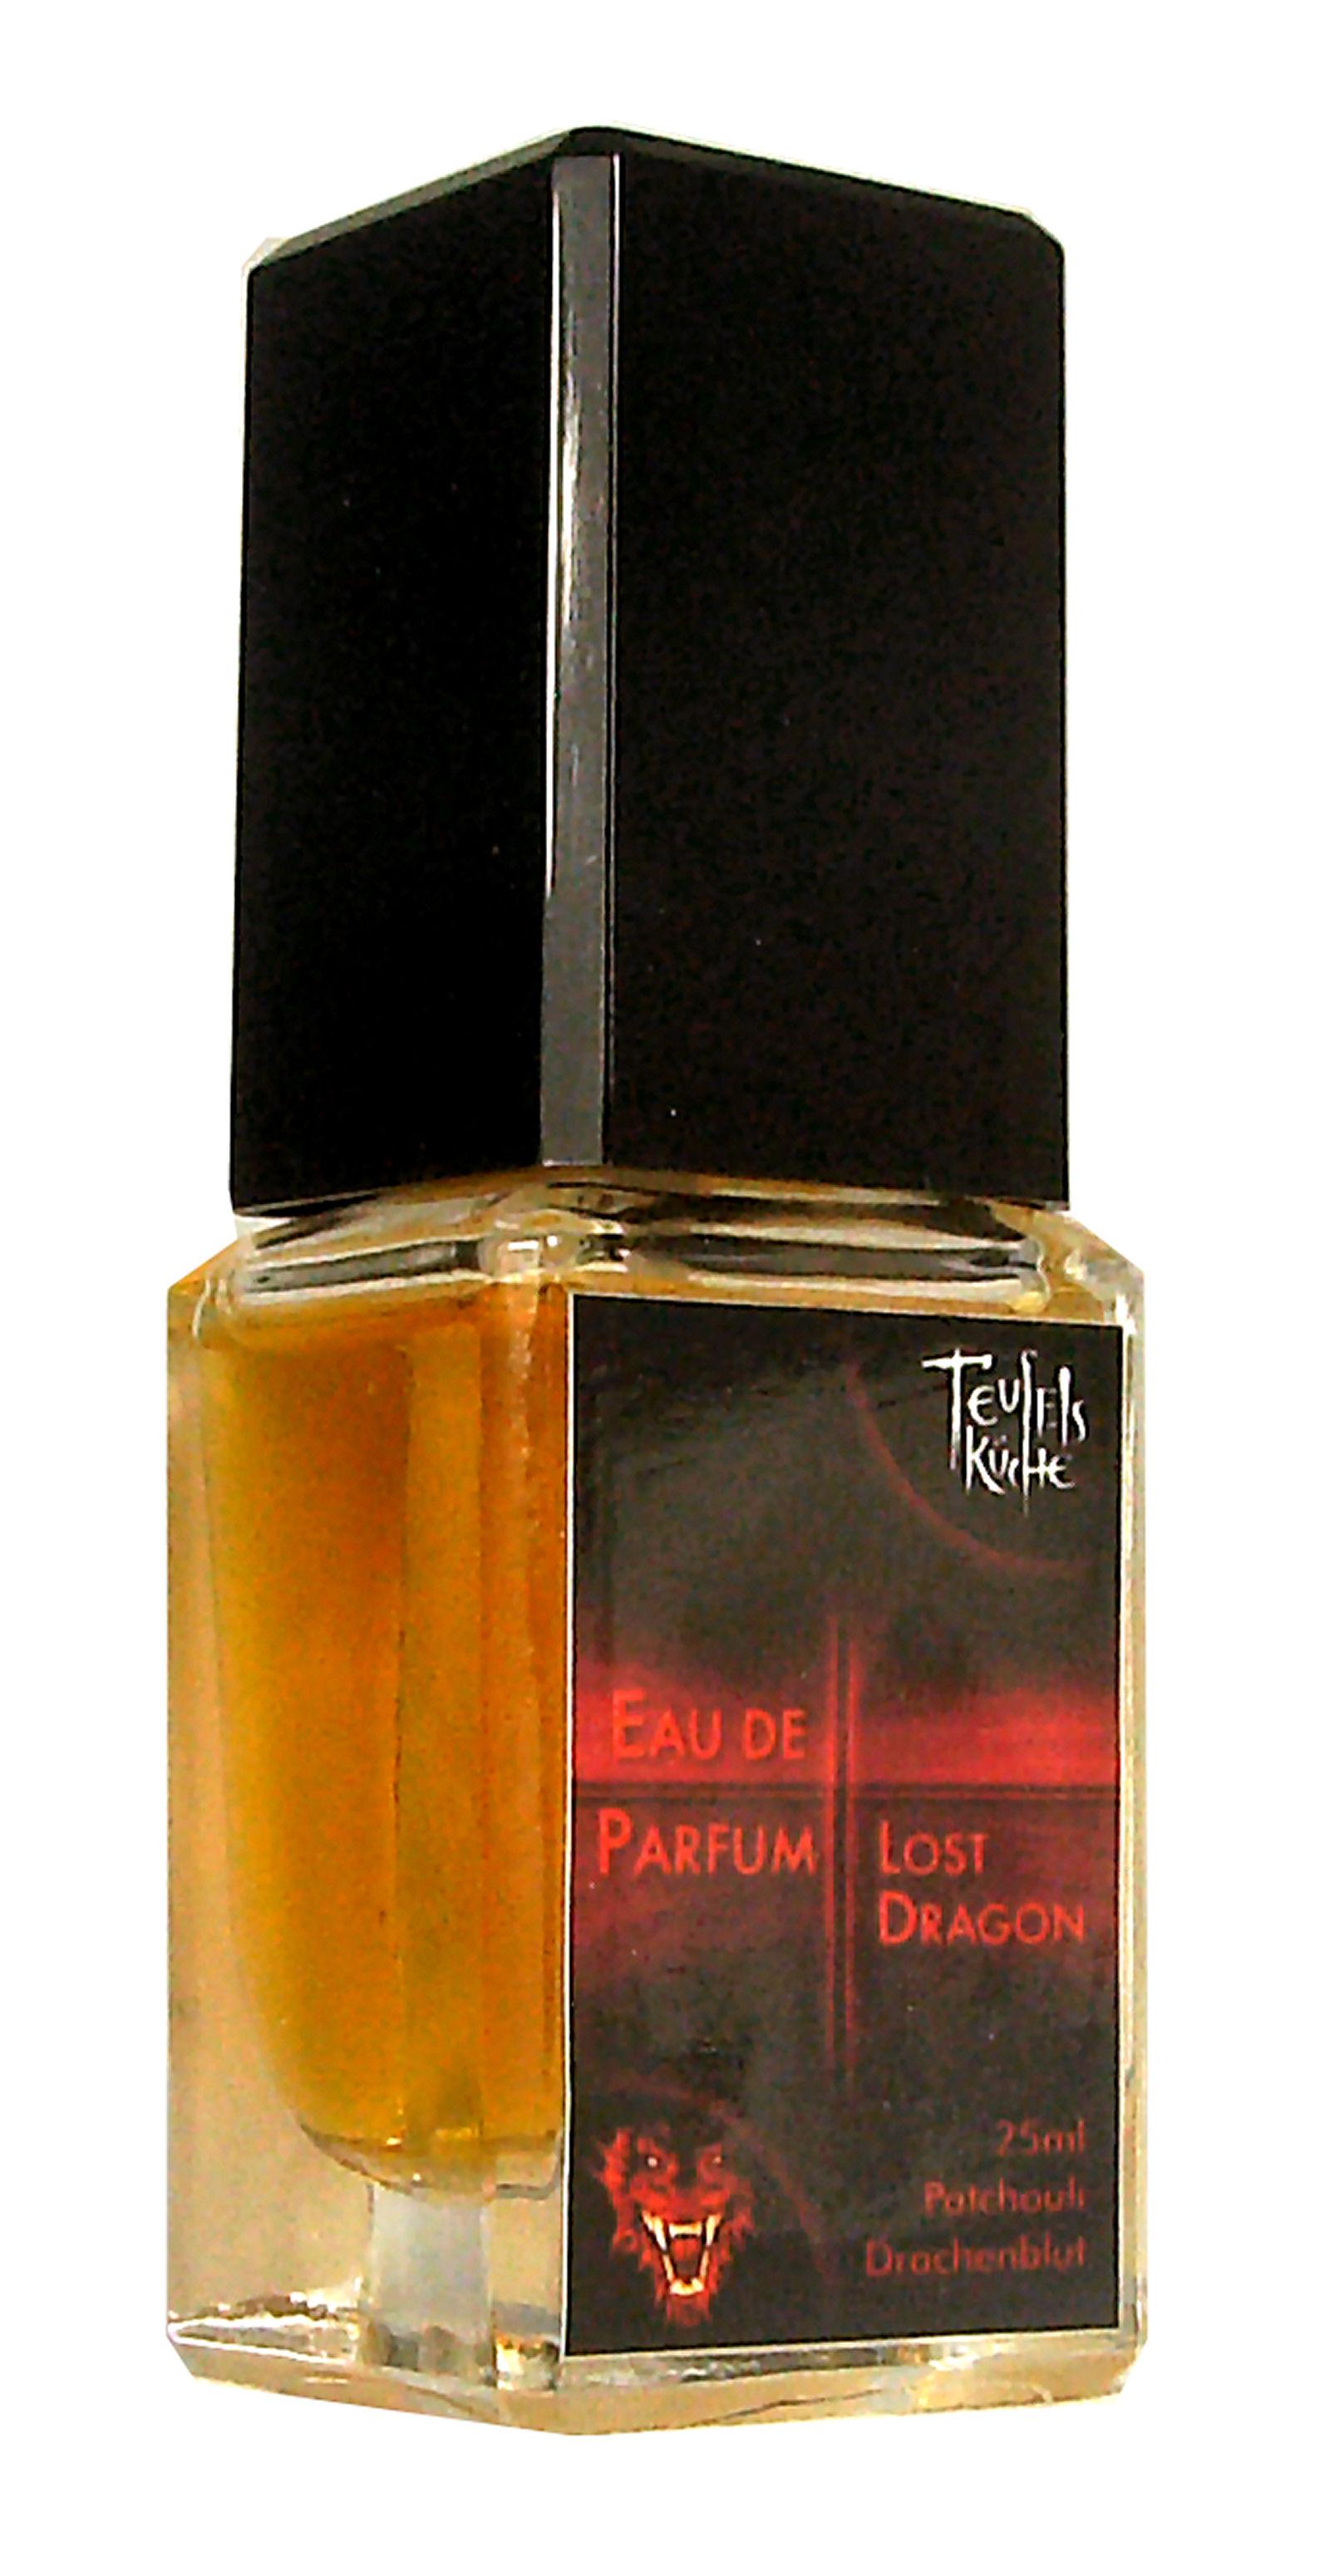 Patchouli Lost Dragon, Eau de Parfum 25ml